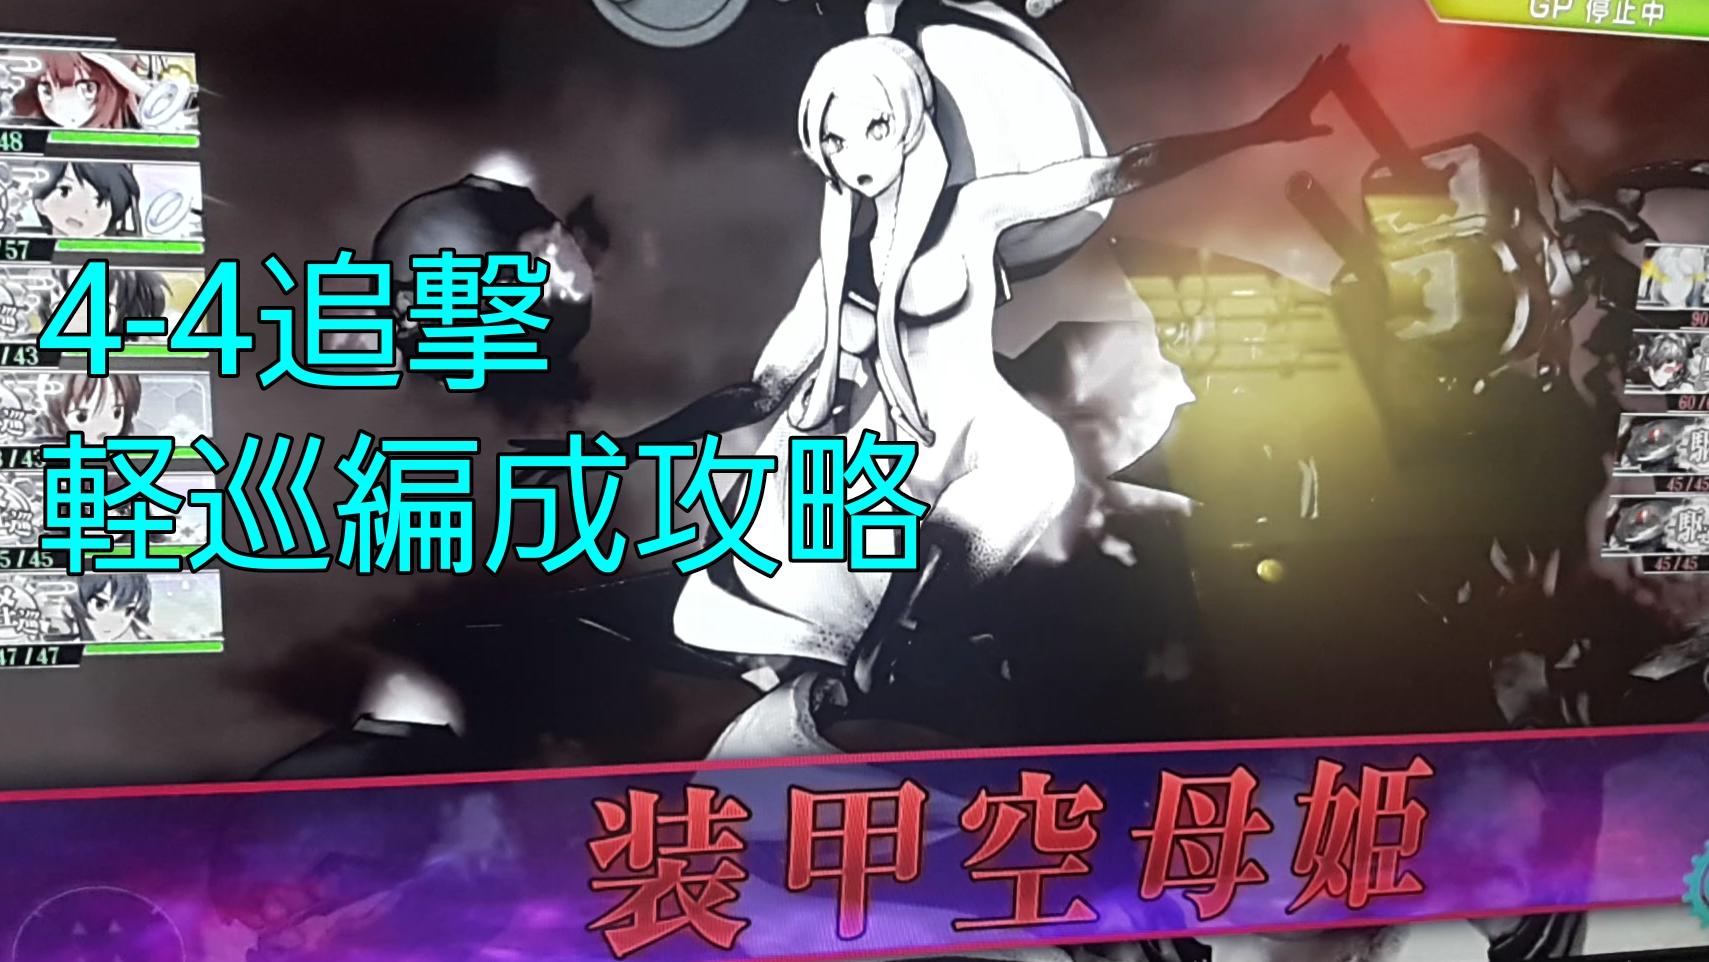 【AC】カスガダマ沖海戦(4-4追撃) 軽巡5航巡1 プレイ動画